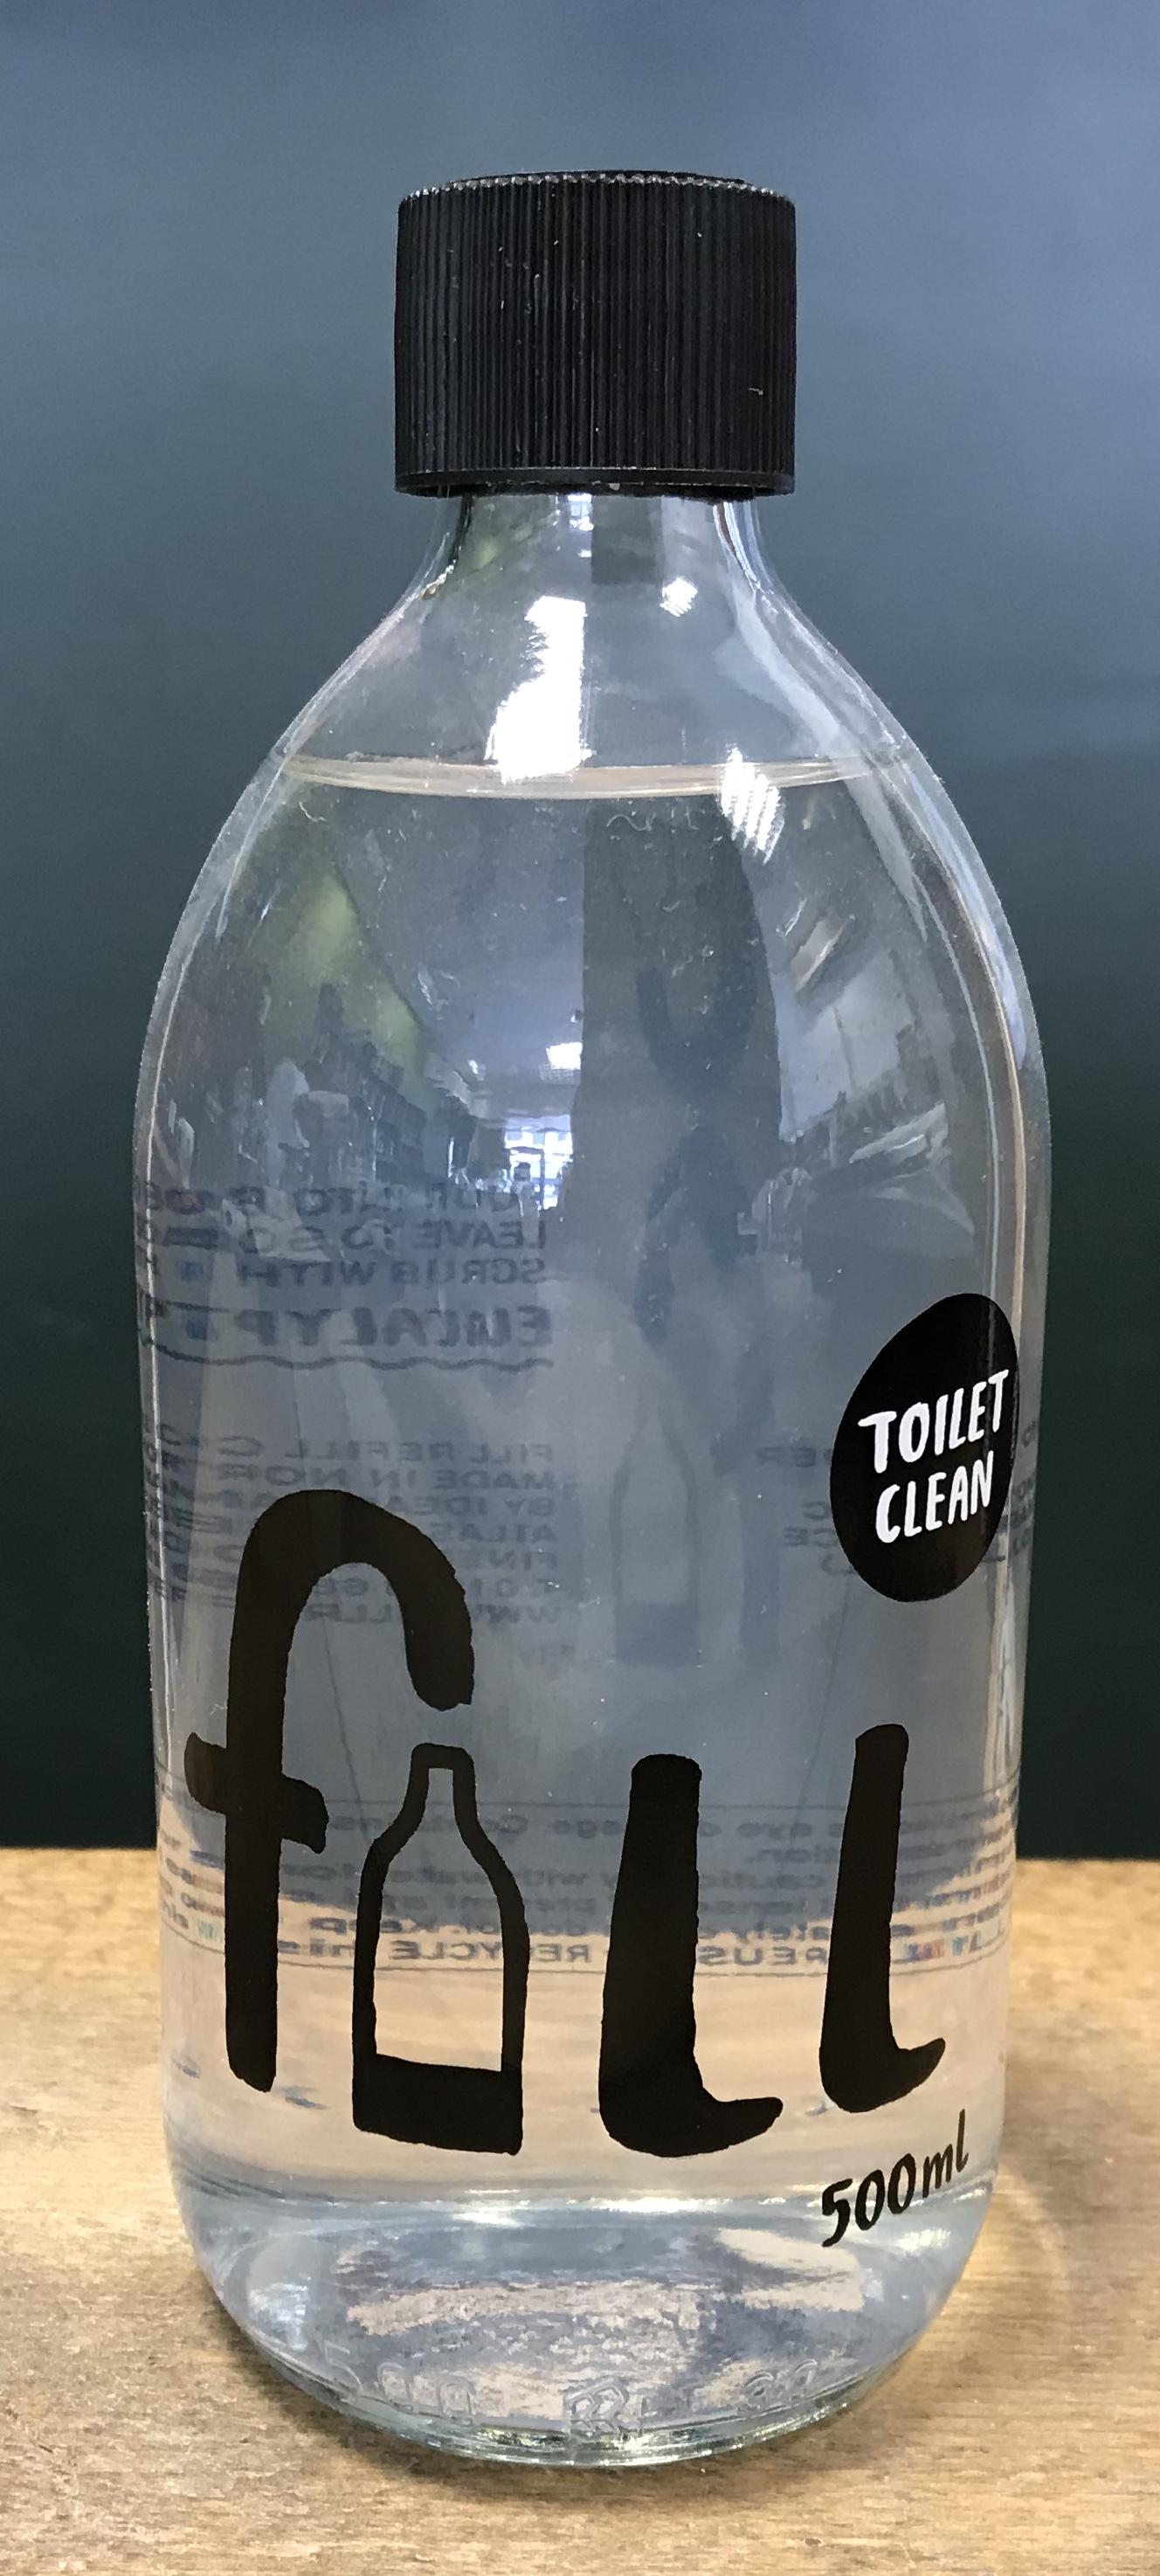 Toilet Clean 500ml Bottle